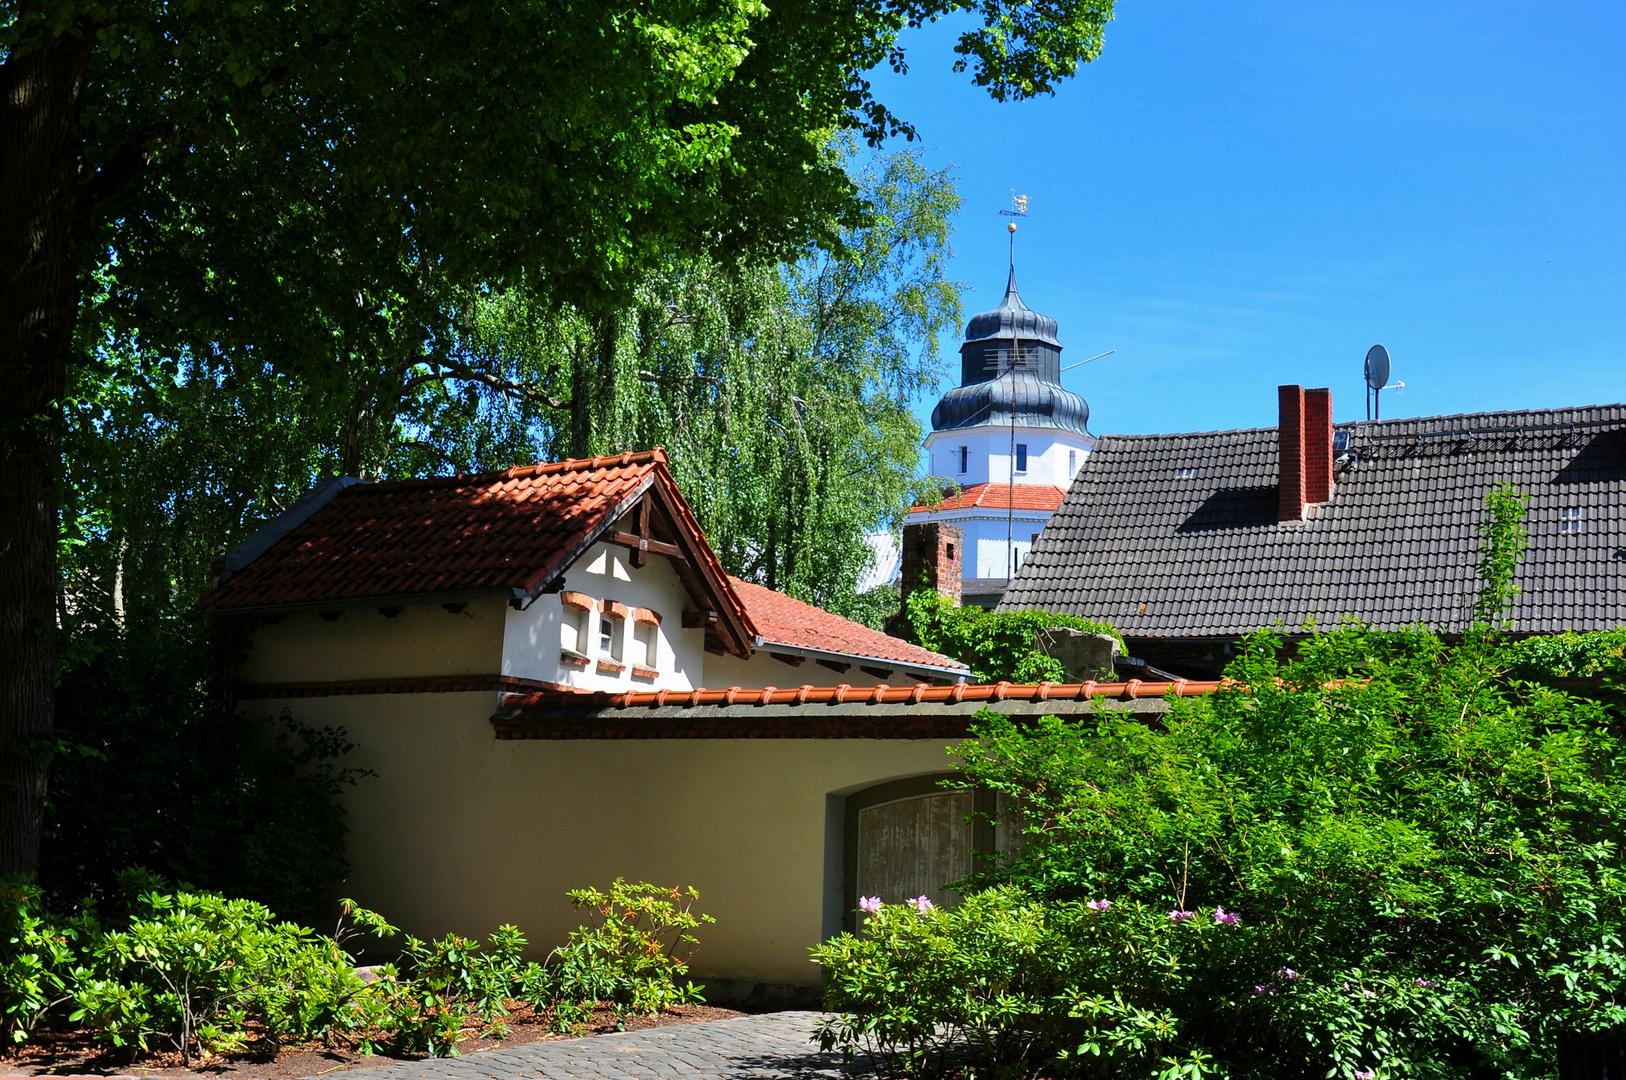 Ueckermünde-Kleinstadtidylle